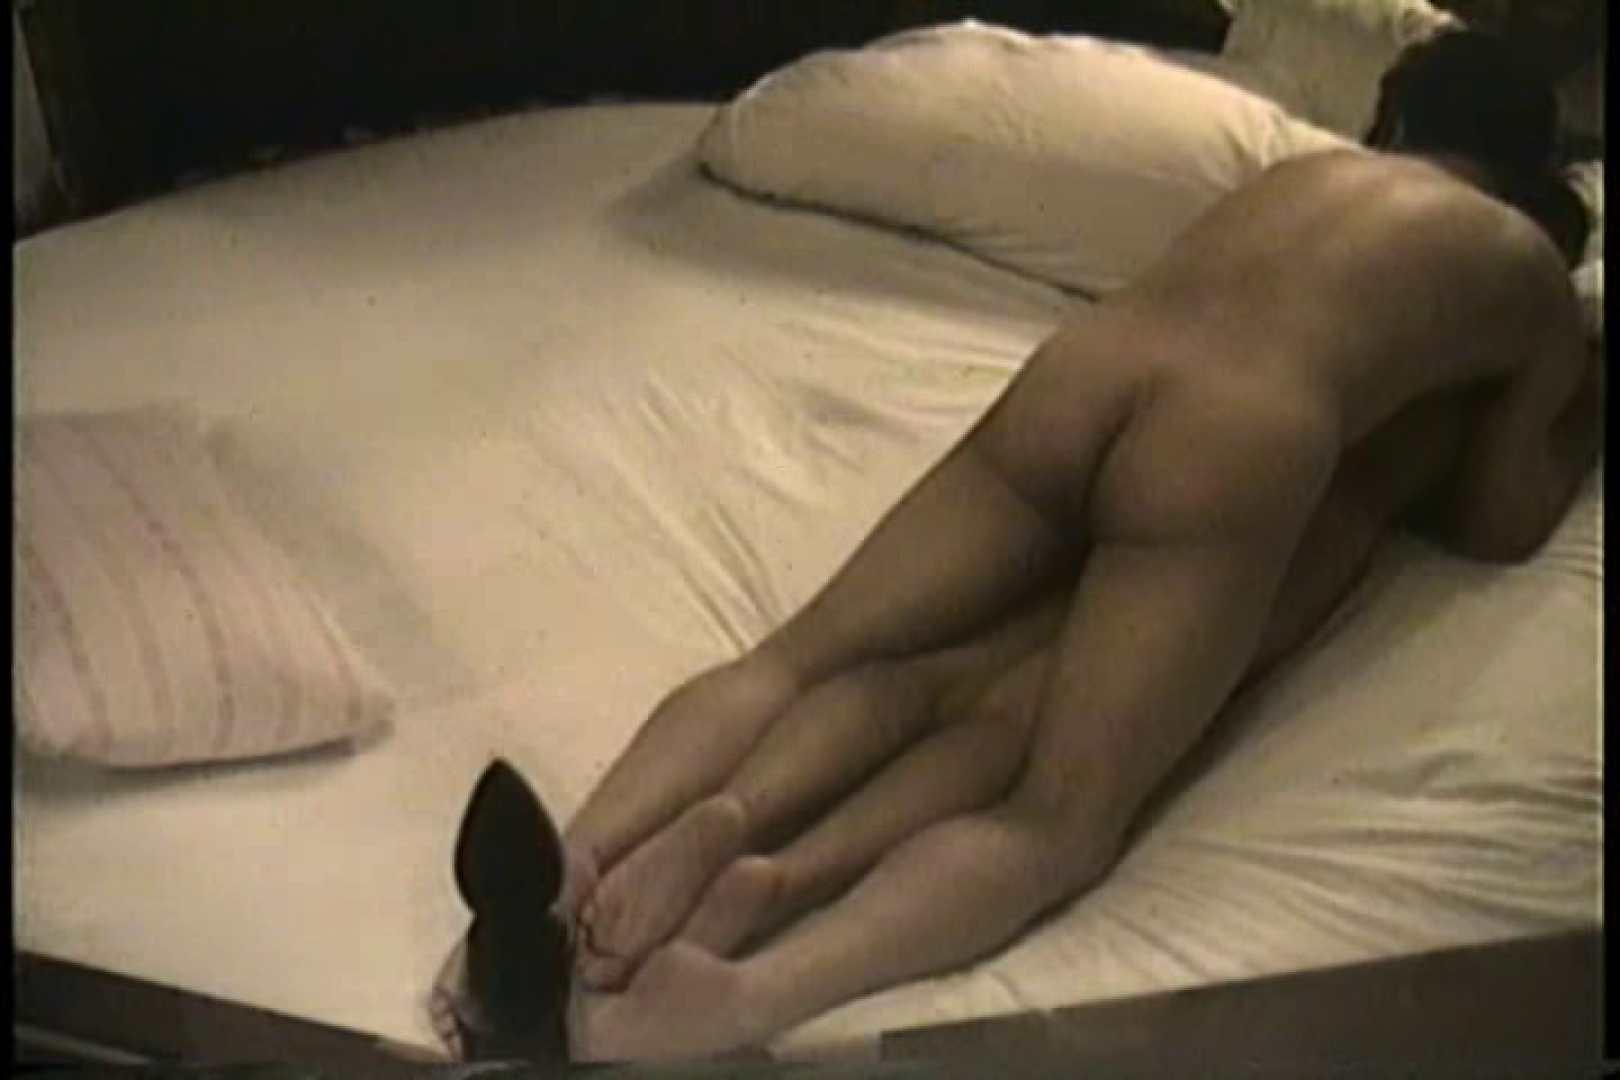 実録!ラブホテル~消し忘れ注意!昭和の色編~ vol.11 喘ぎ おまんこ無修正動画無料 10枚 5